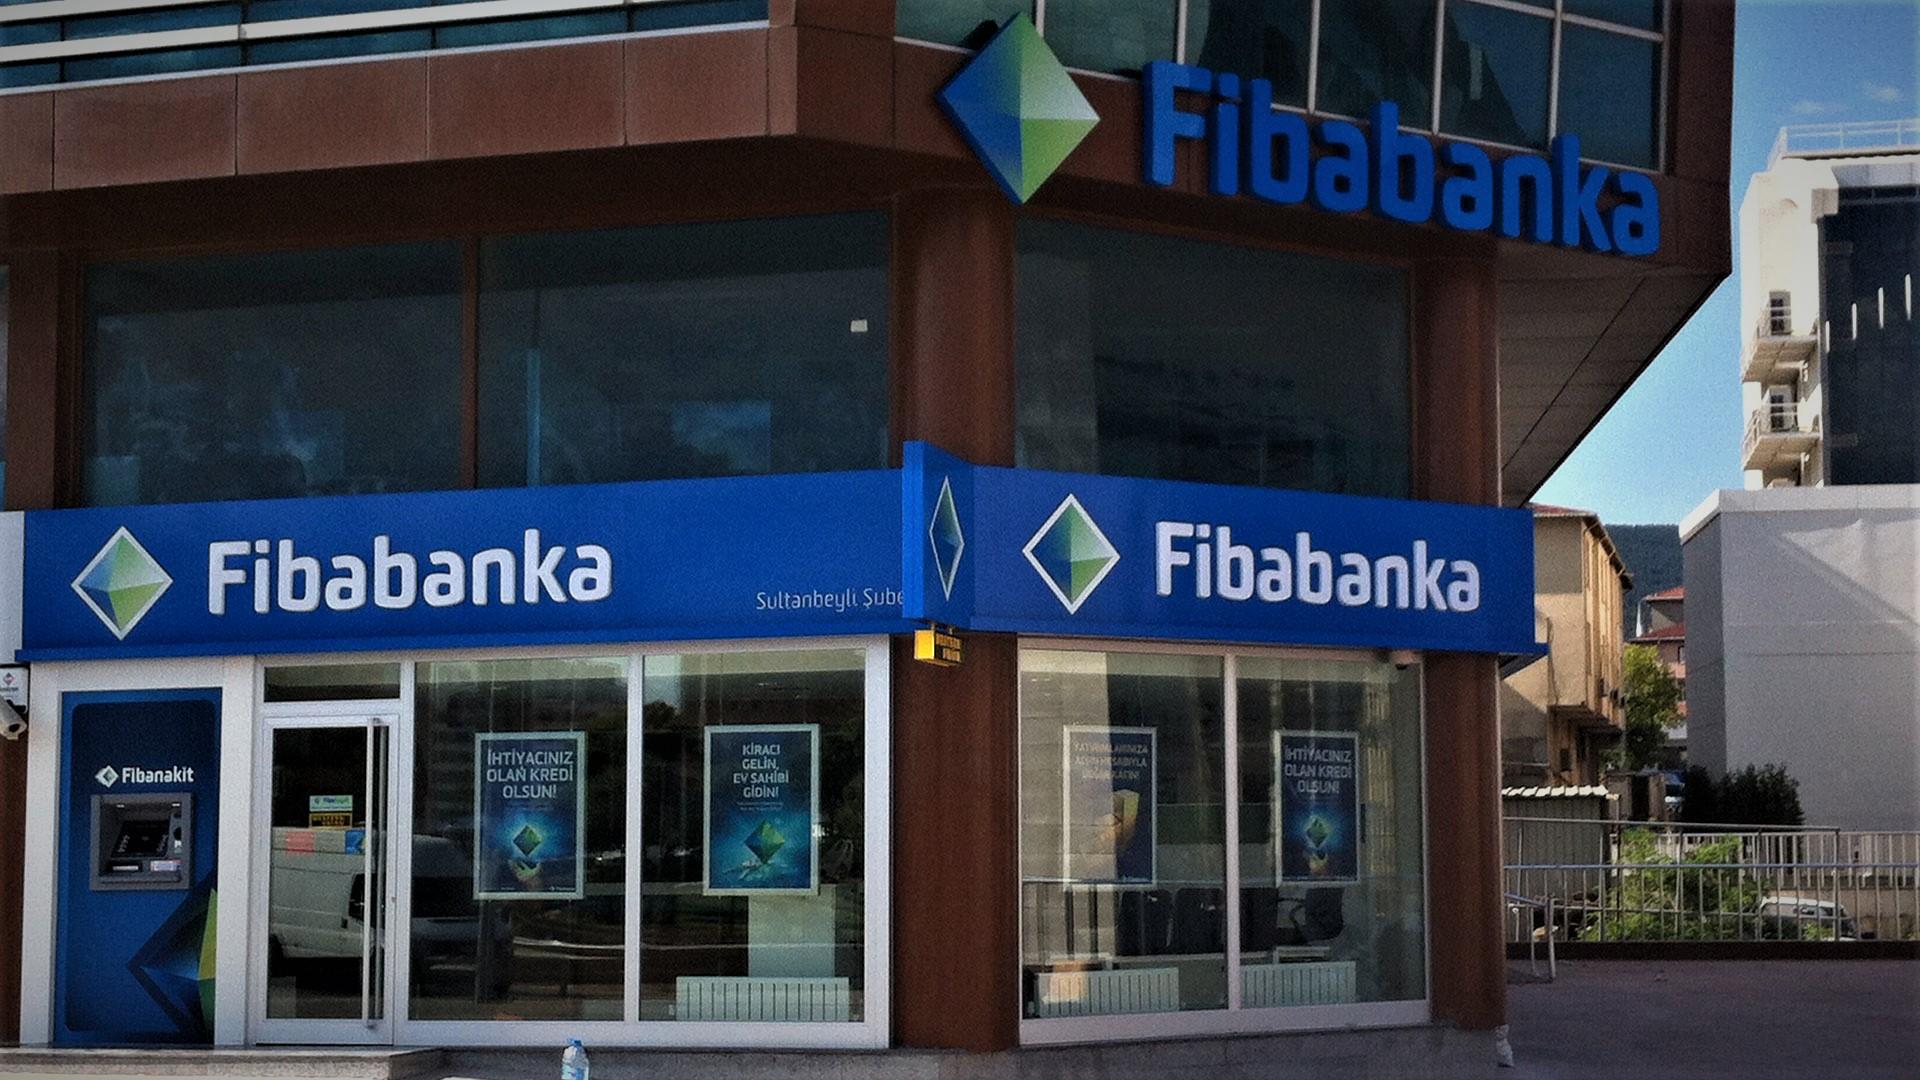 Fibabank Bankamatikte Param Kaldı Ne Yapmalıyım